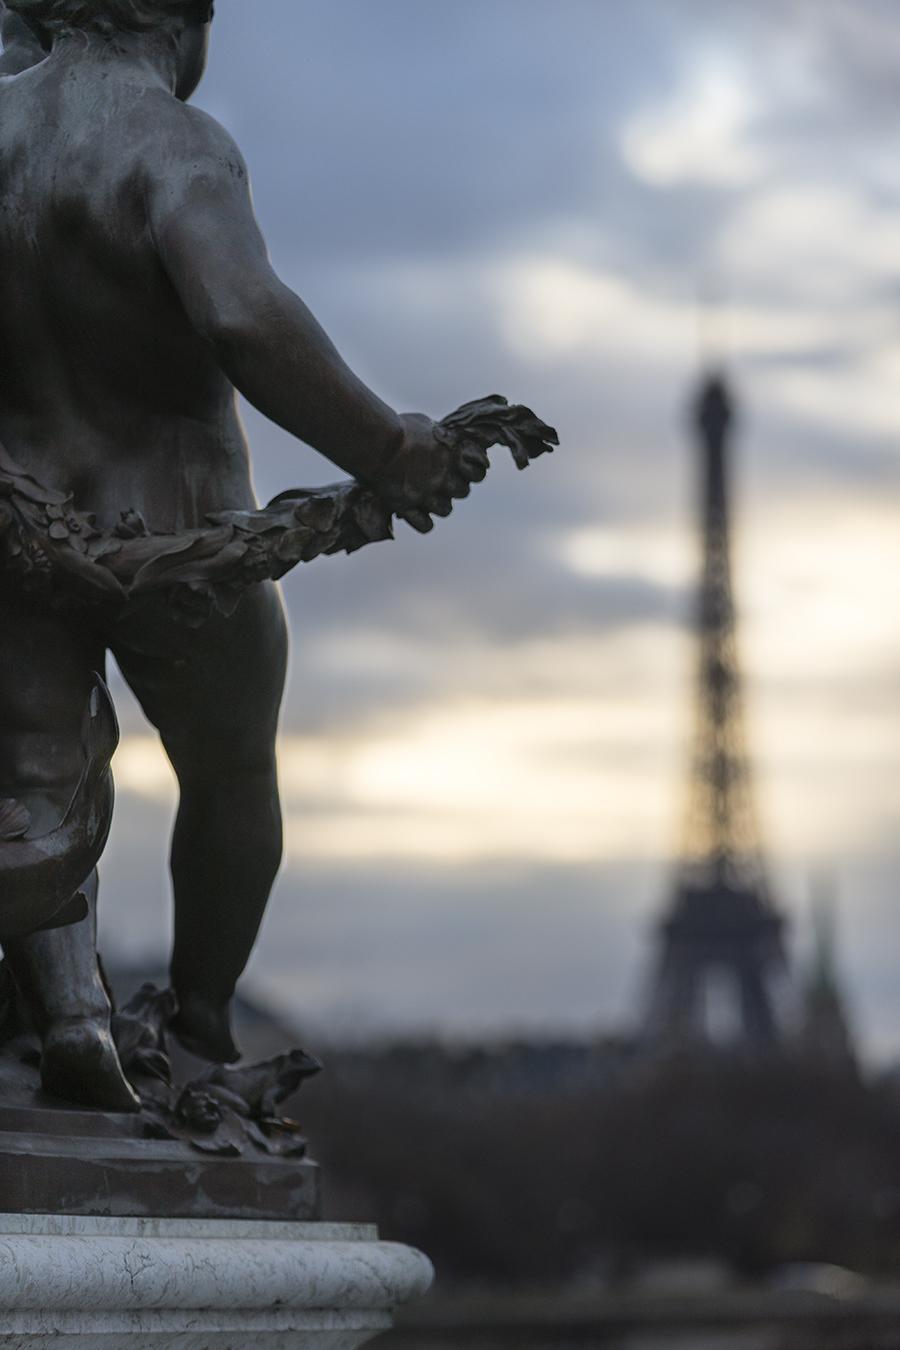 Jardin des Tuileries No. 1